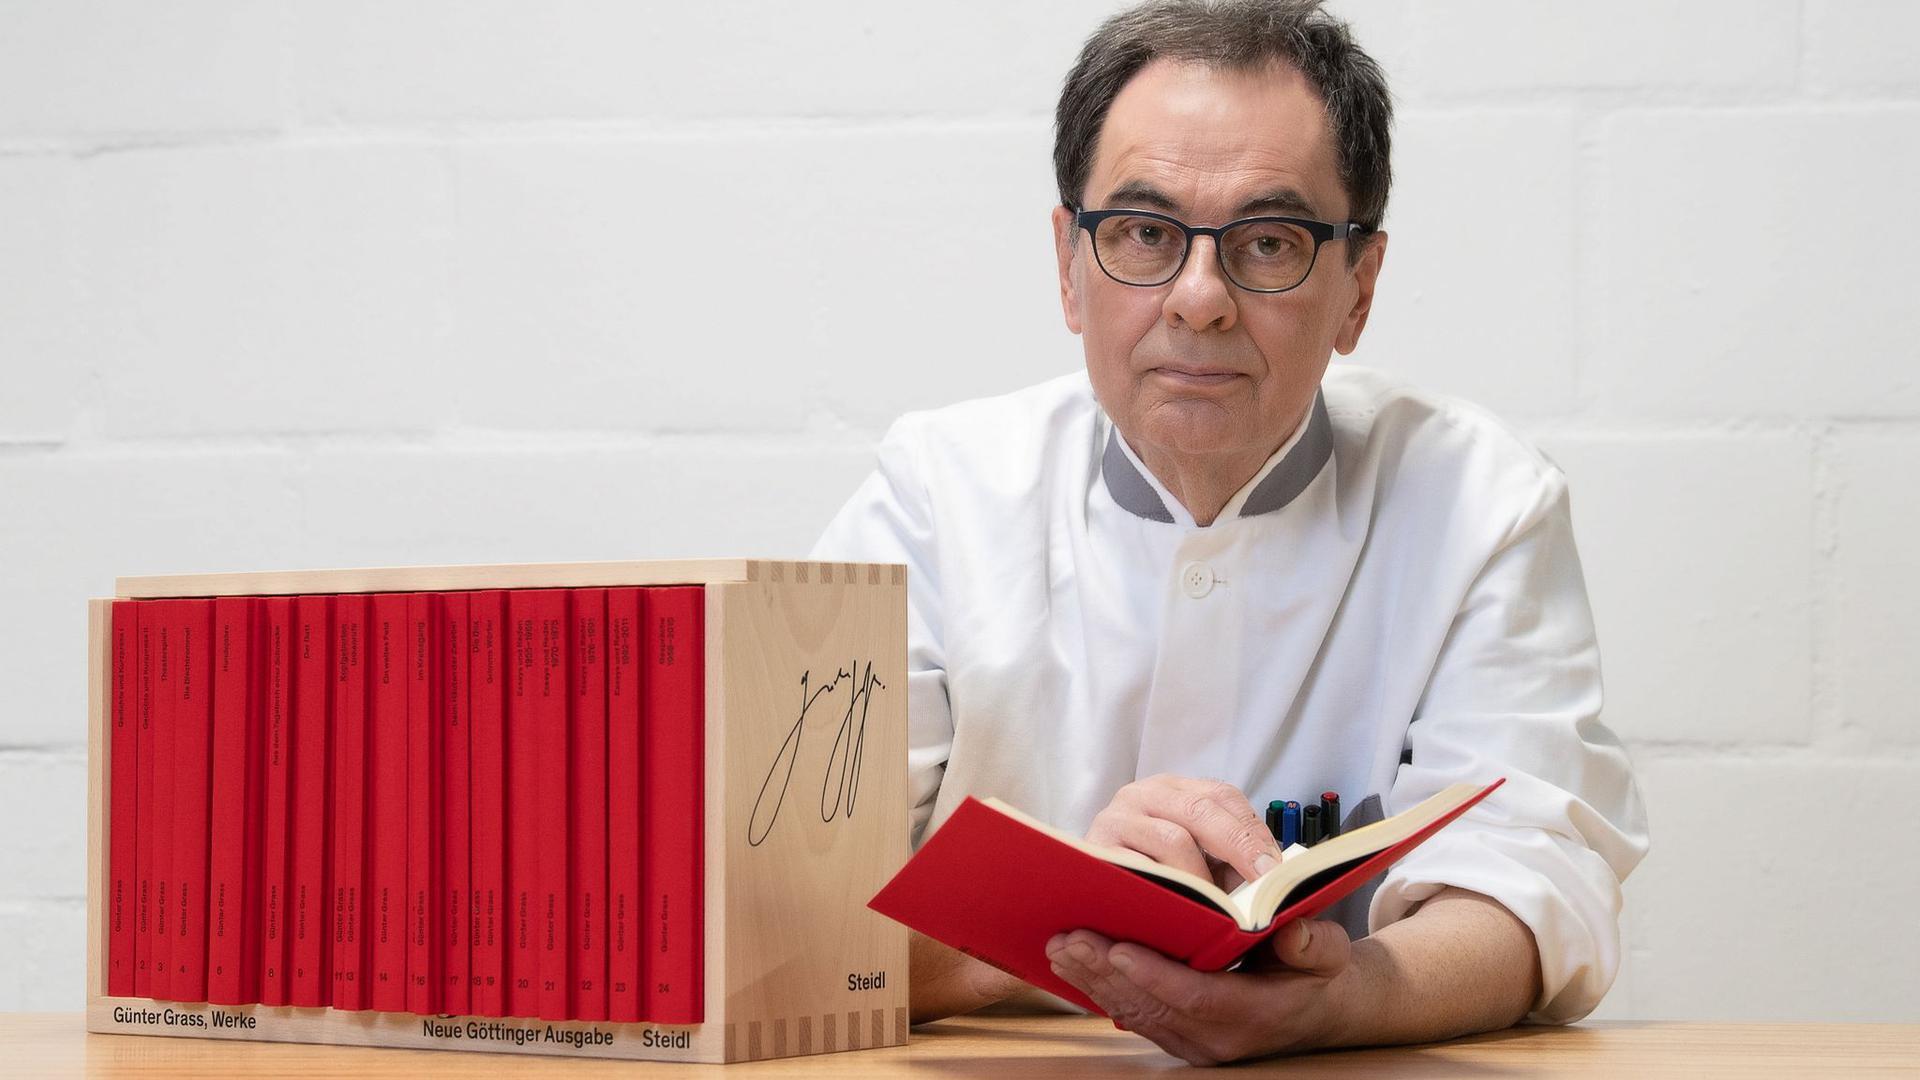 Verleger Gerhard Steidl präsentiert die Neue Göttinger Ausgabe.